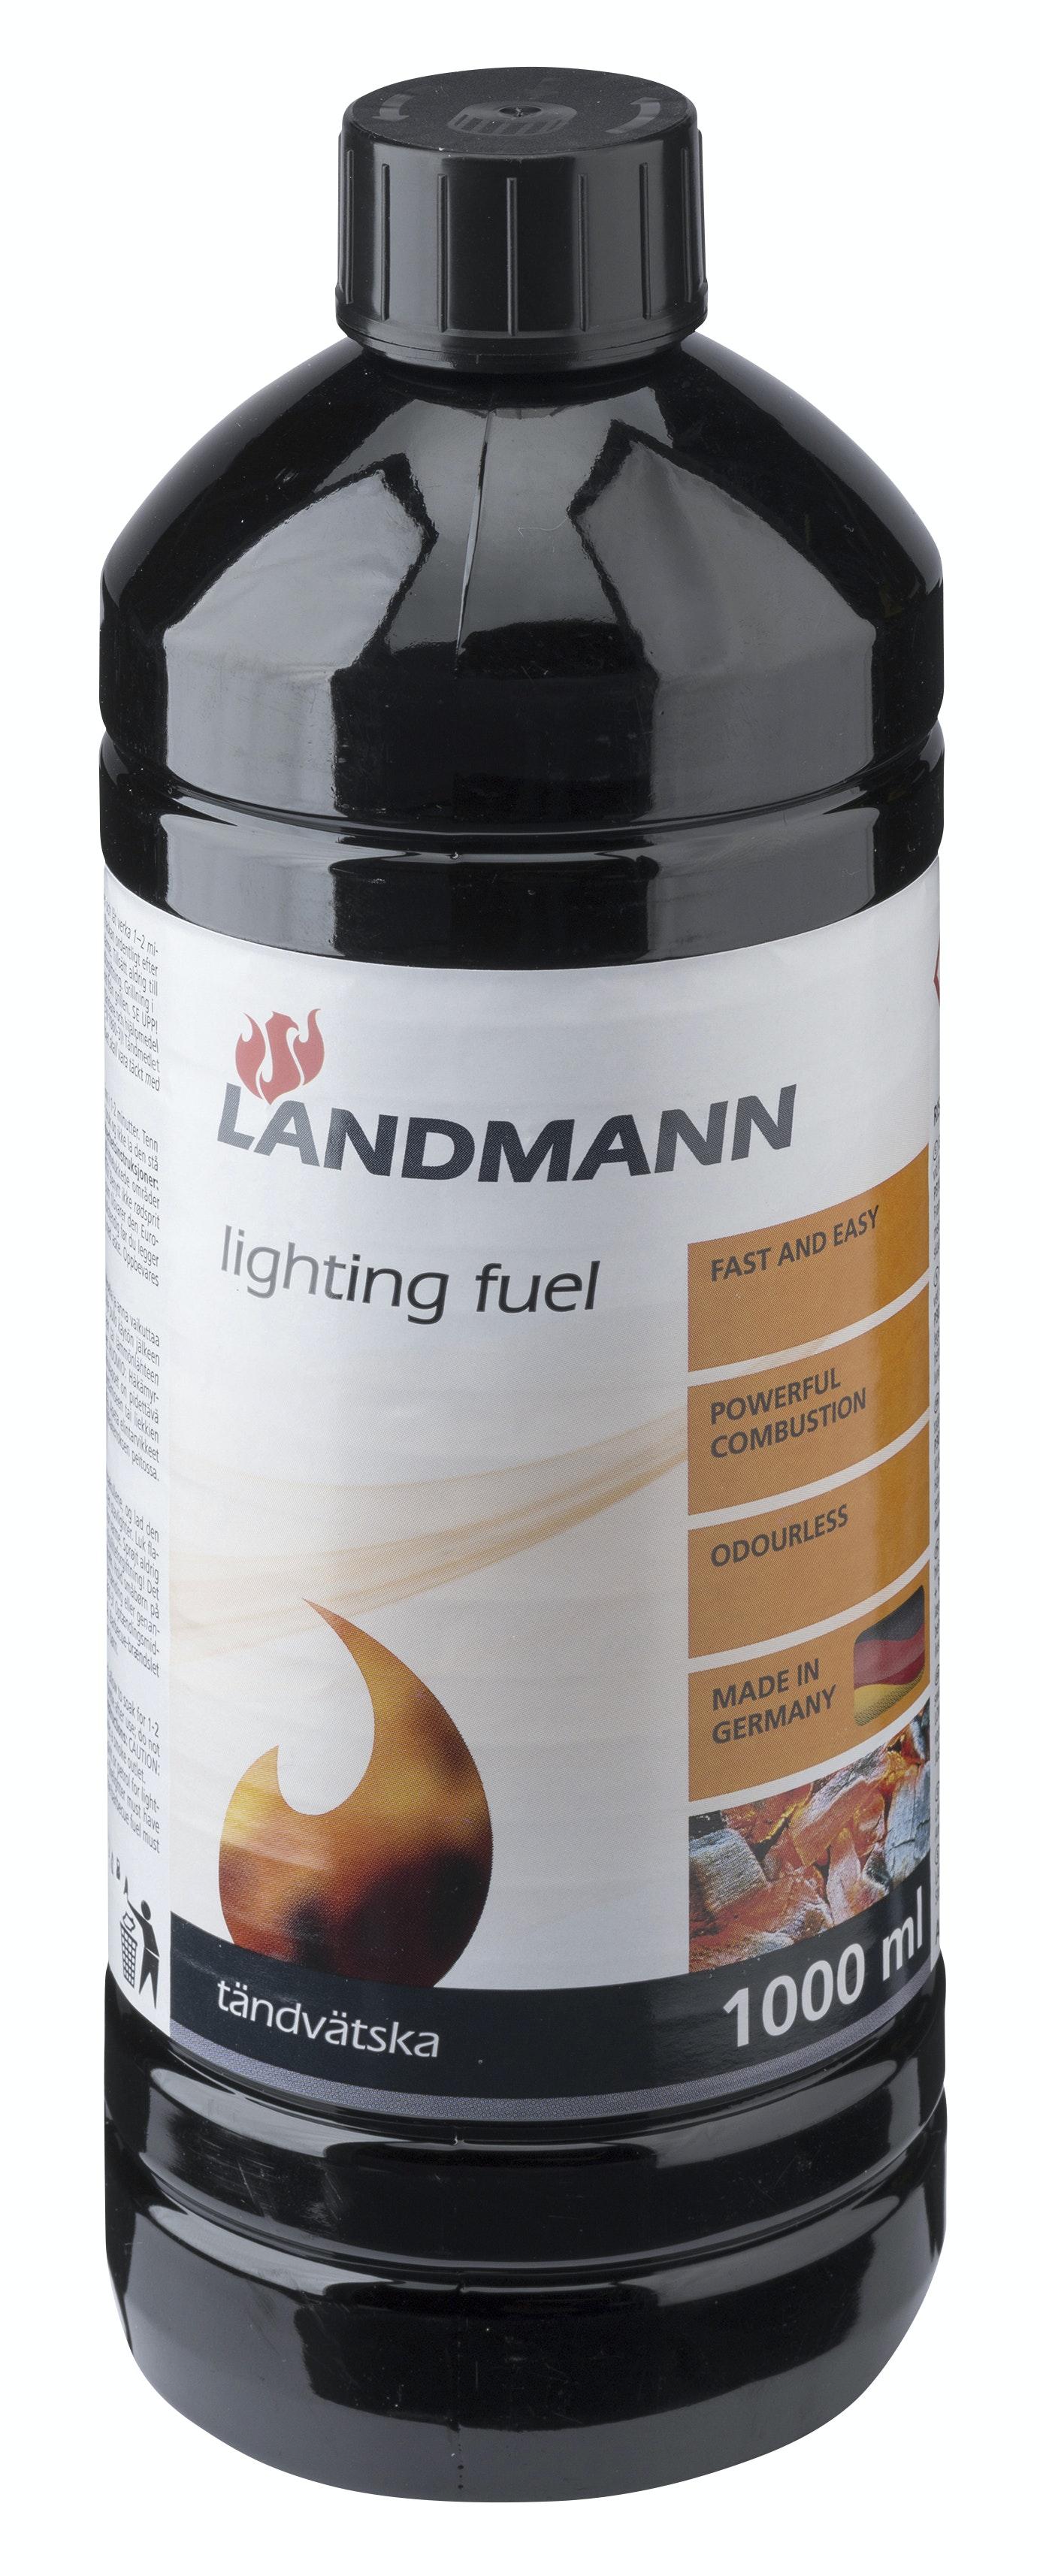 Tändvätska Landmann 1000ml